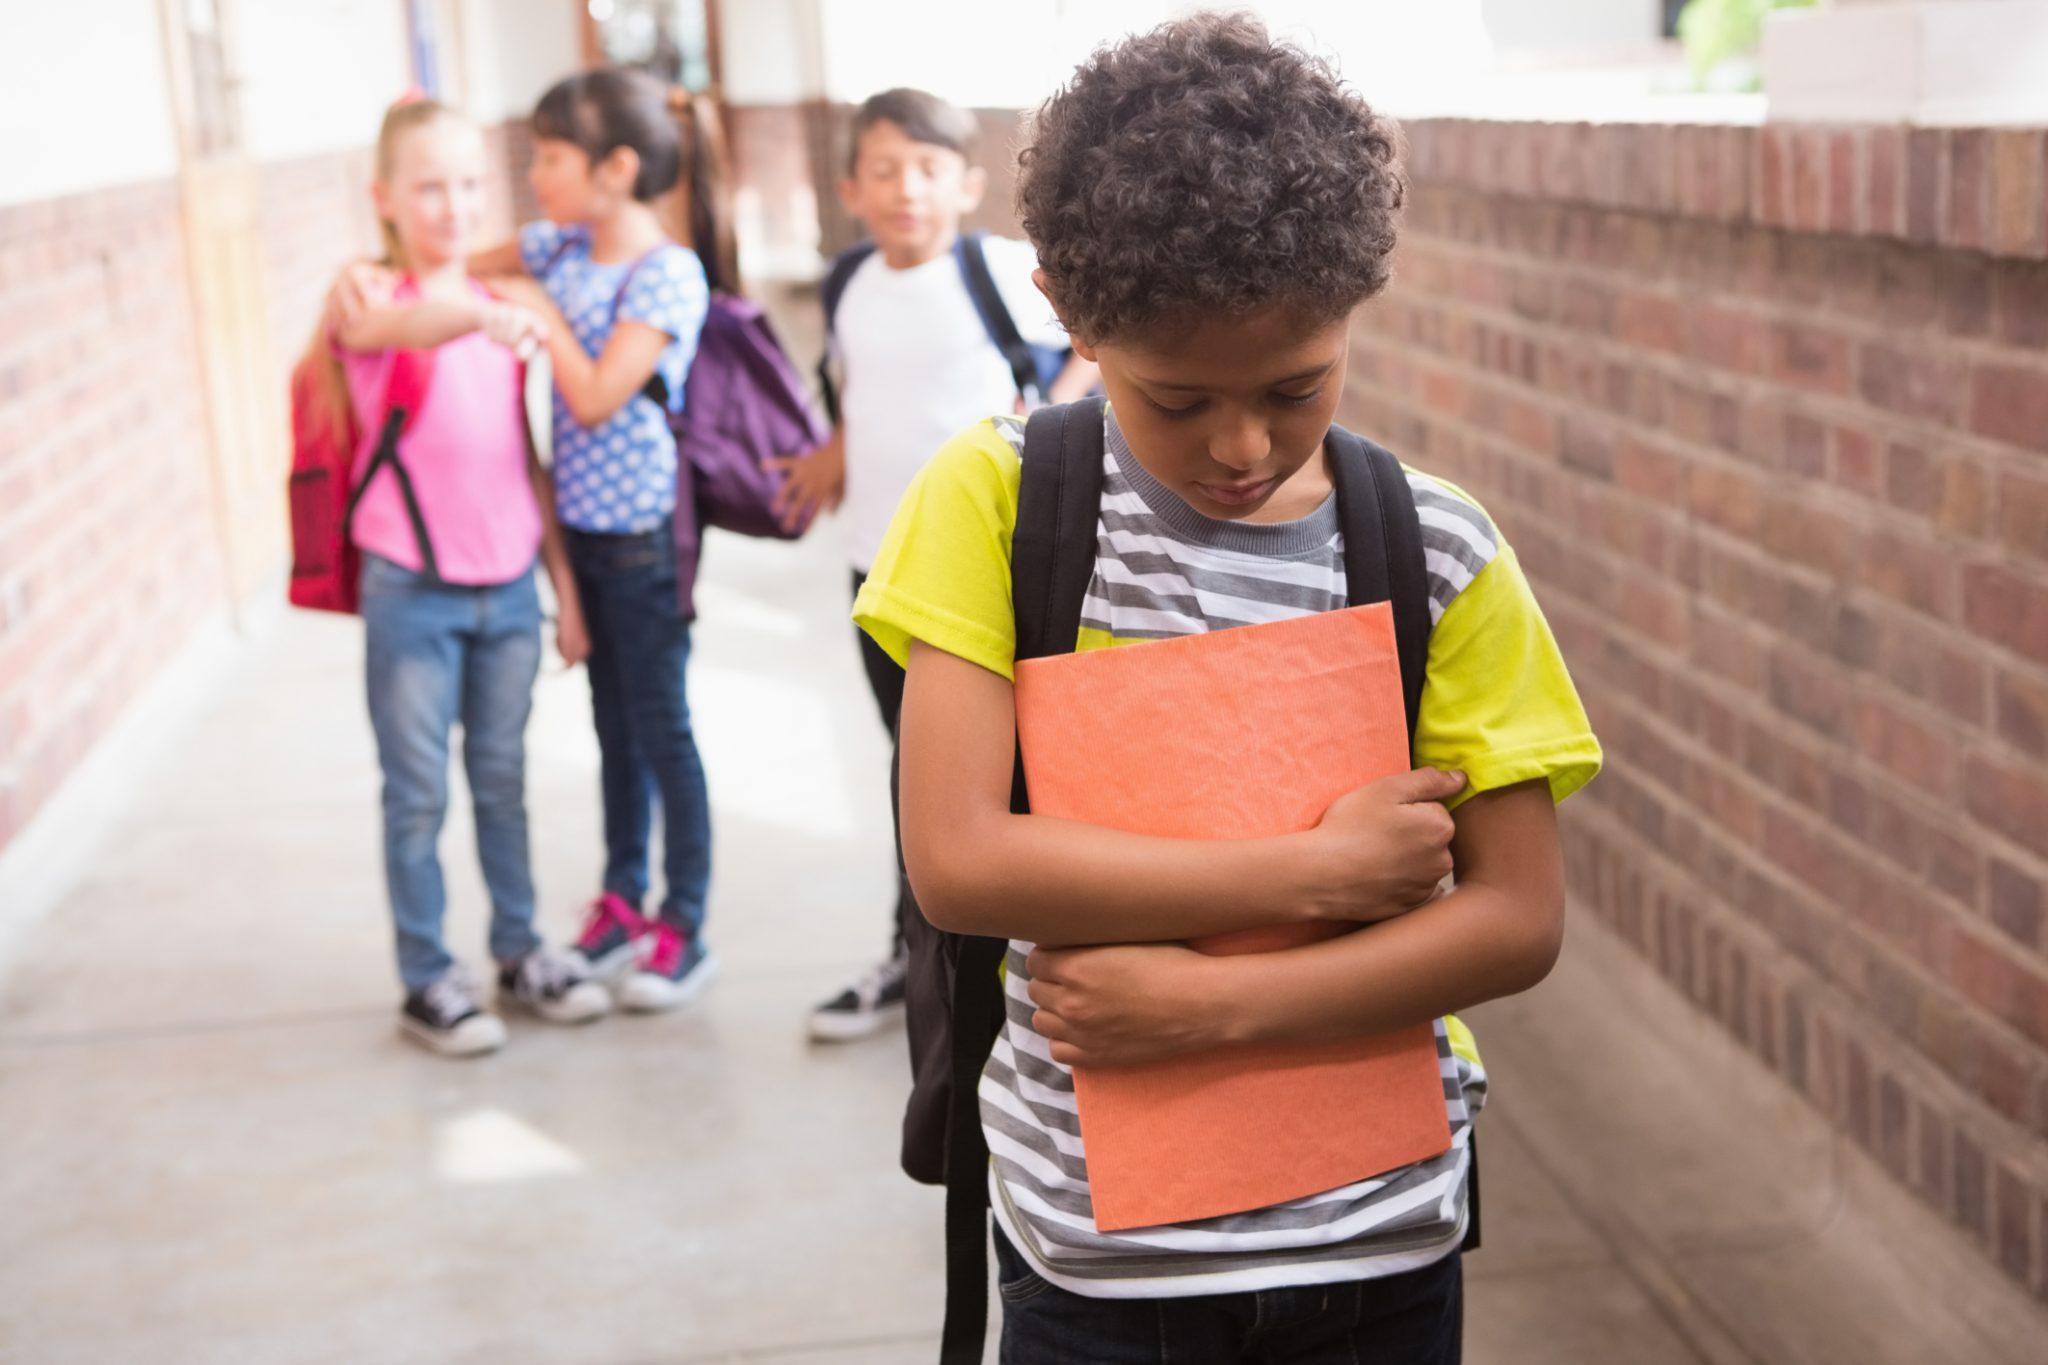 Essere esclusi in classe: quando il bullismo non è solo lividi